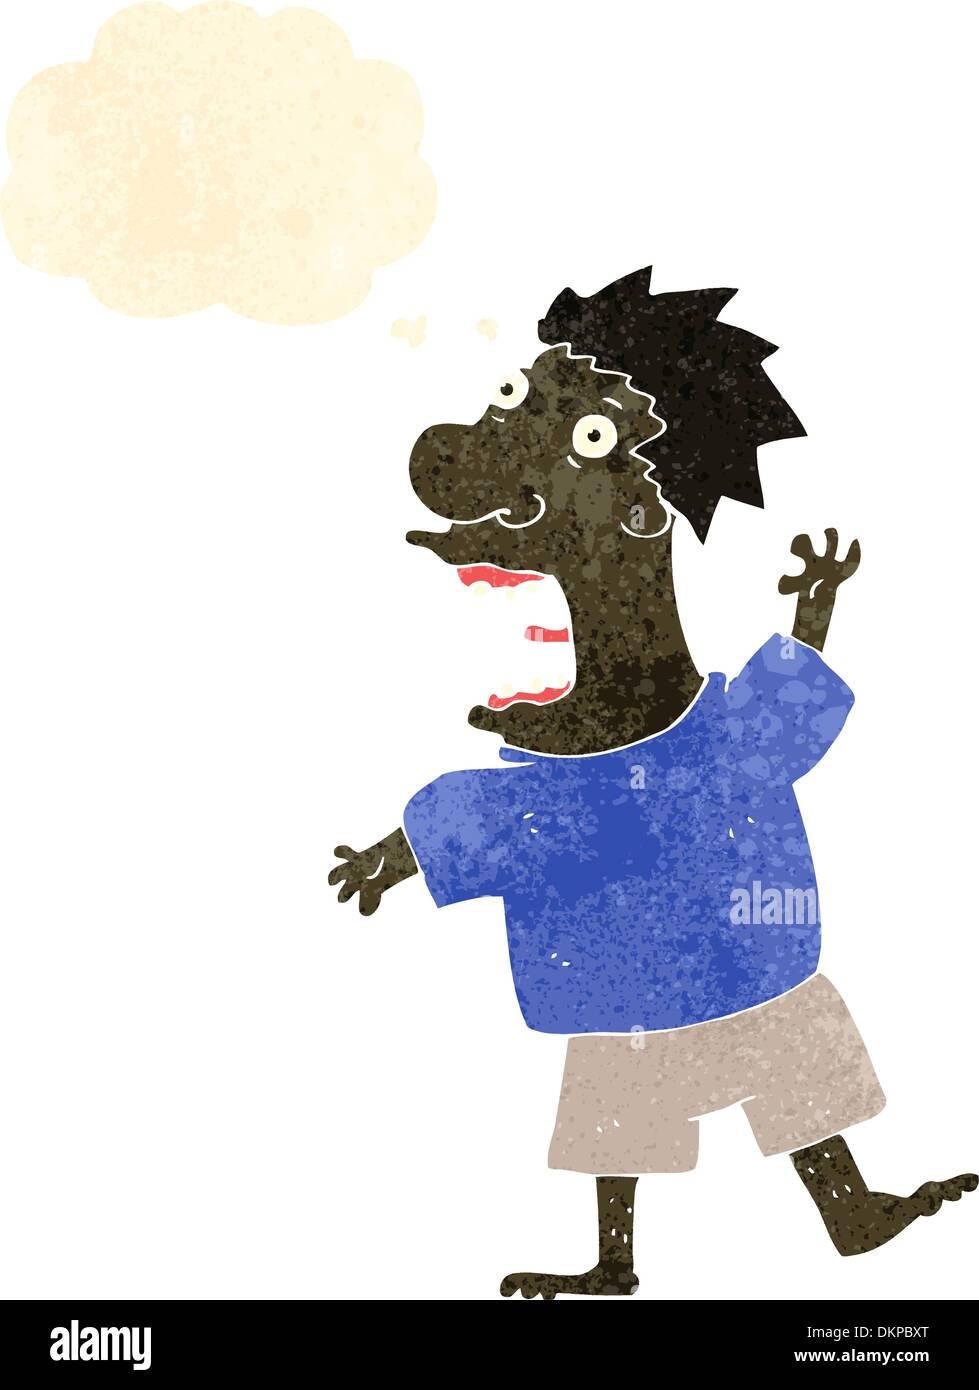 Cartoon retro con textura. Aislado en blanco. Imagen De Stock